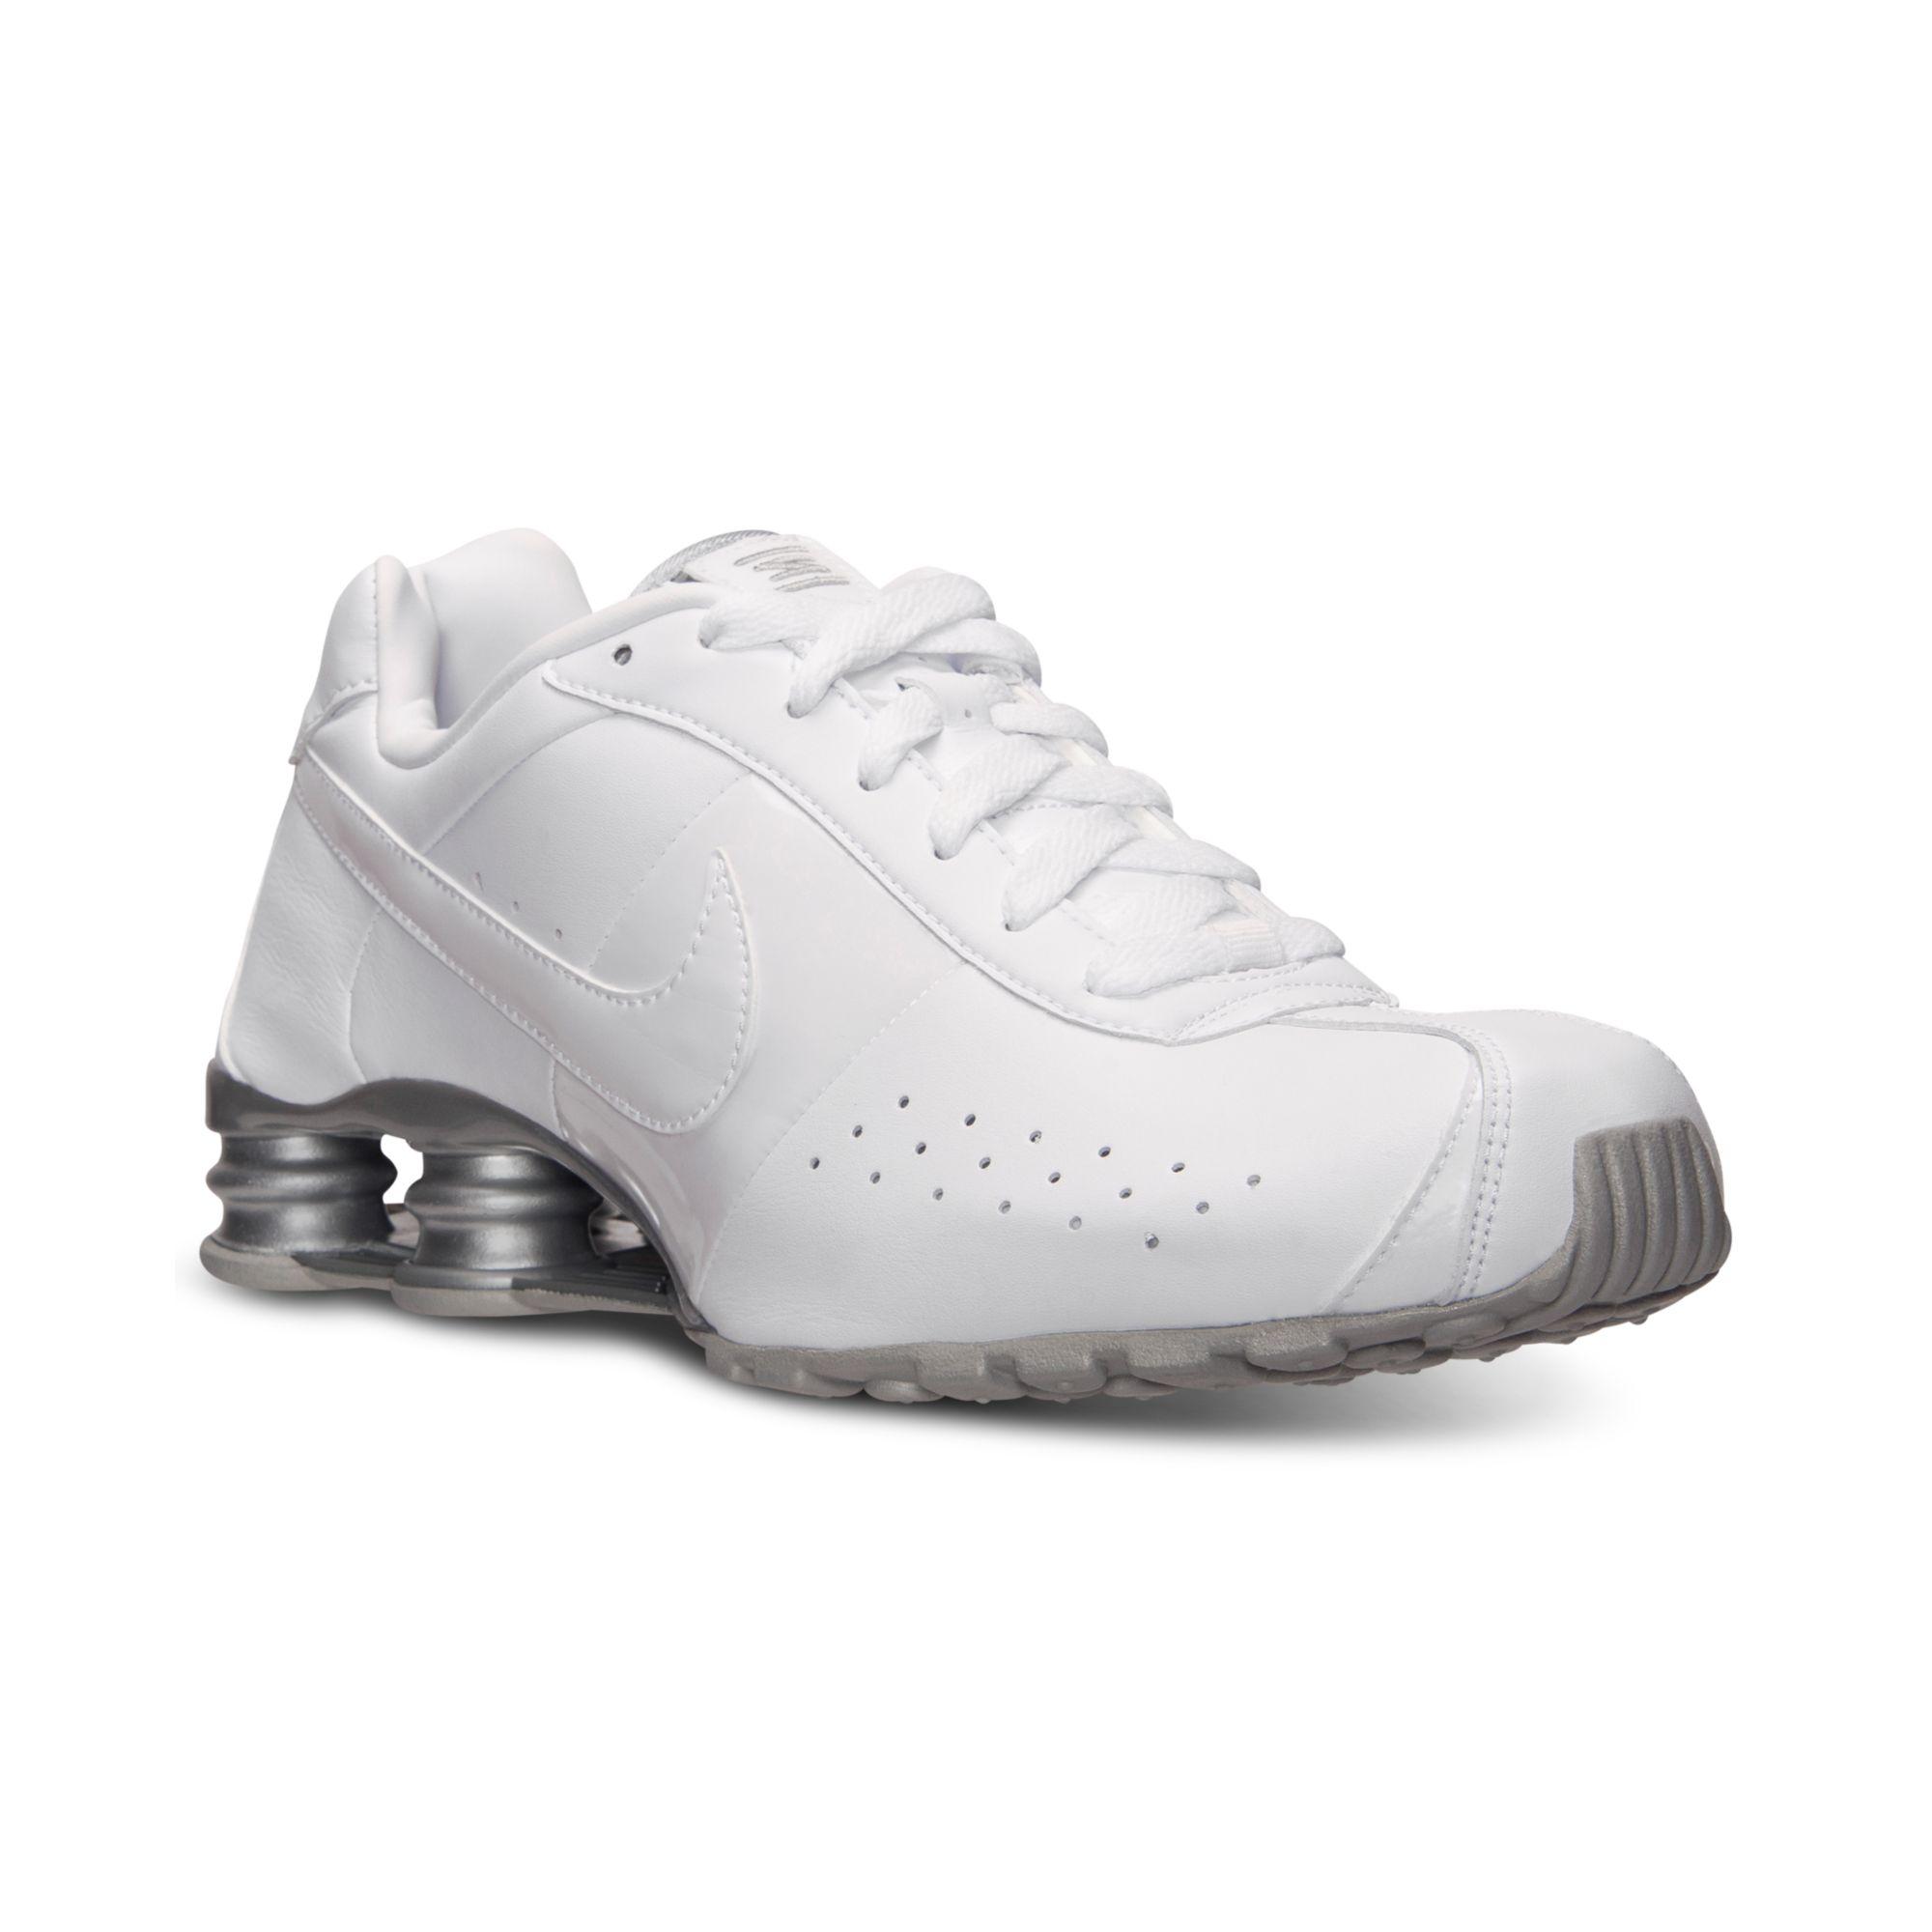 Mens Nike Shox Classic Ii Si Running Shoes